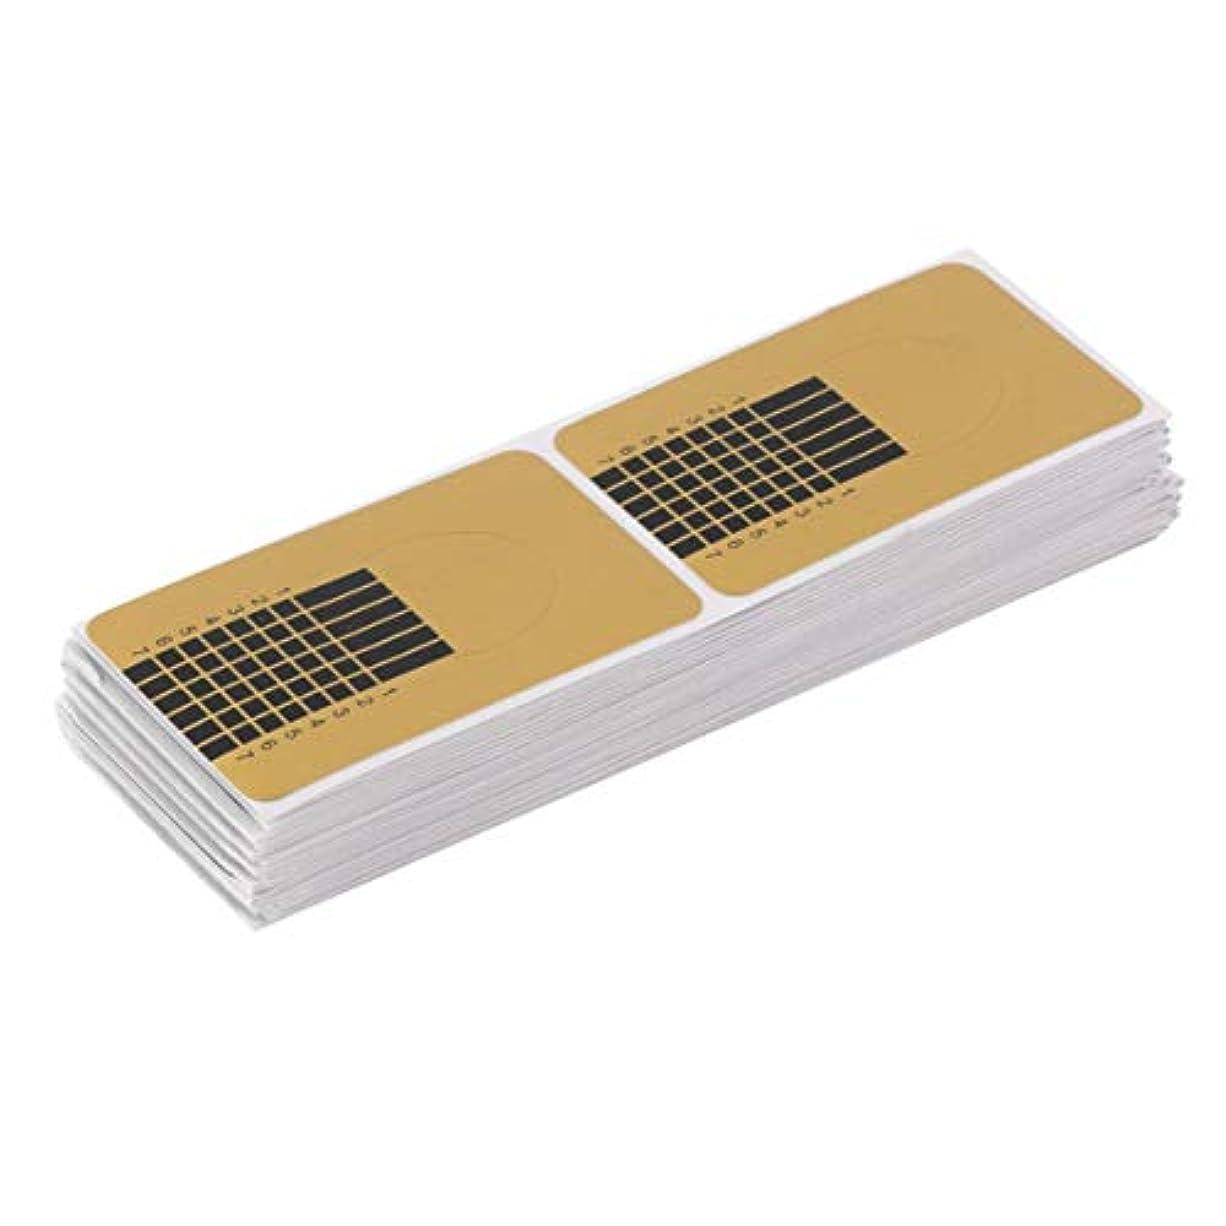 安心させるシダブラウズBirdlantern 100ピース/セットプロフェッショナルネイルツールのヒントネイルアートガイドフォームアクリルチップジェルエクステンションステッカーネイルポリッシュカールフォームゴールド